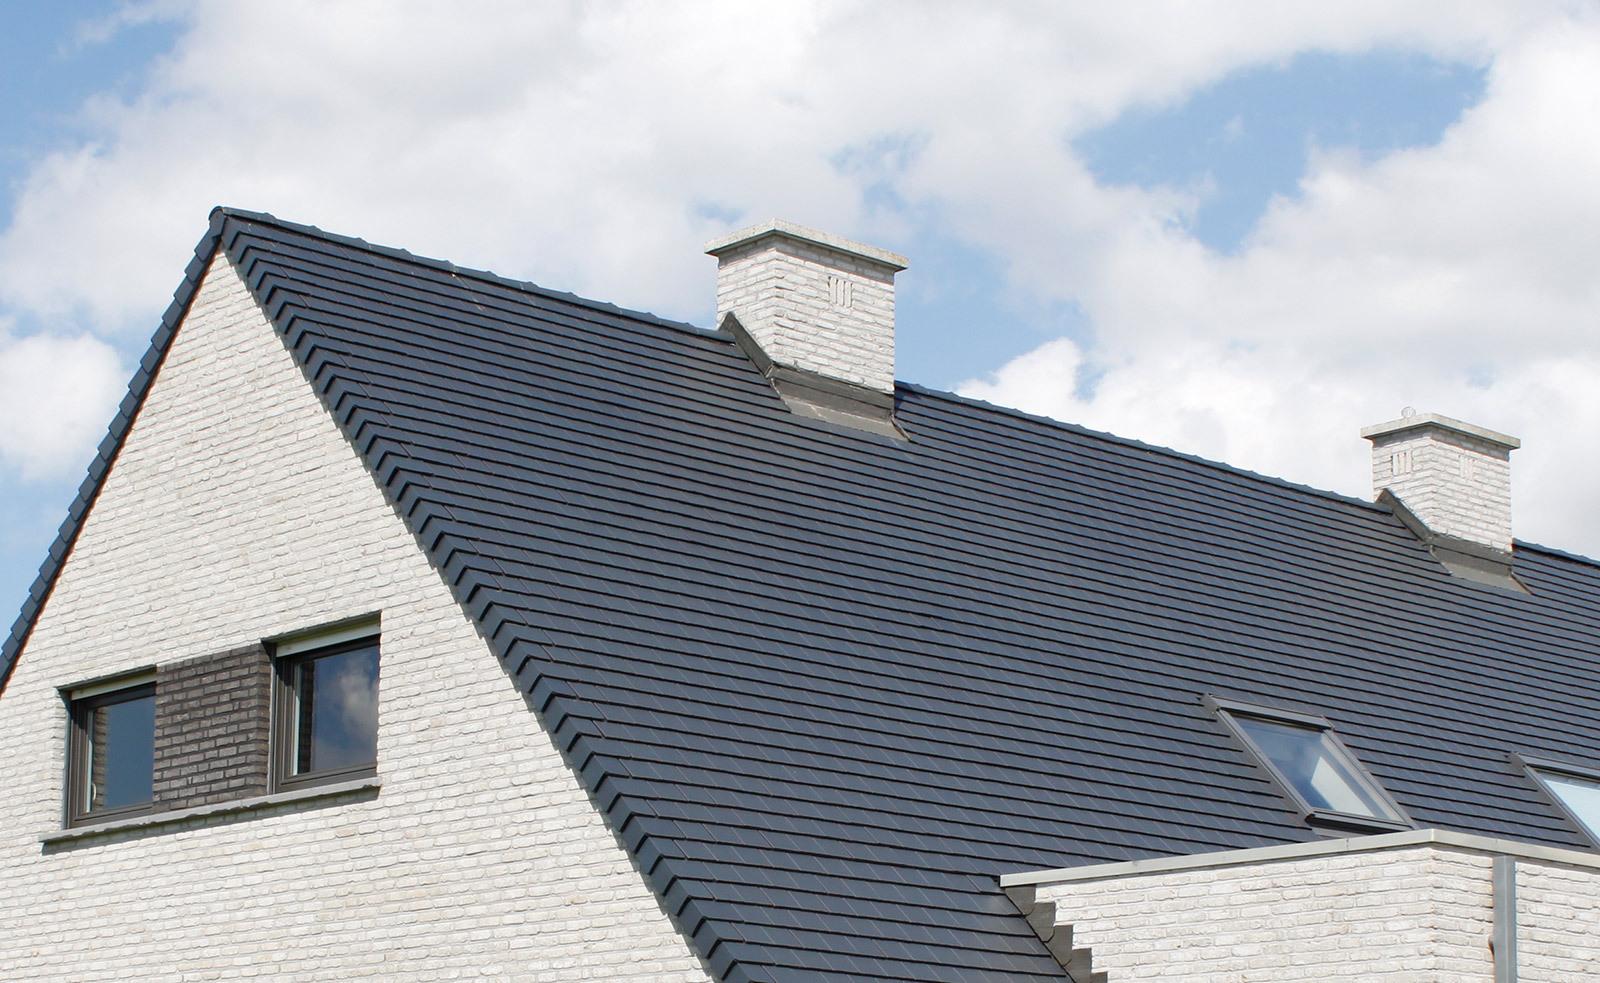 Soorten daken en dakmateriaal: kies verstandig